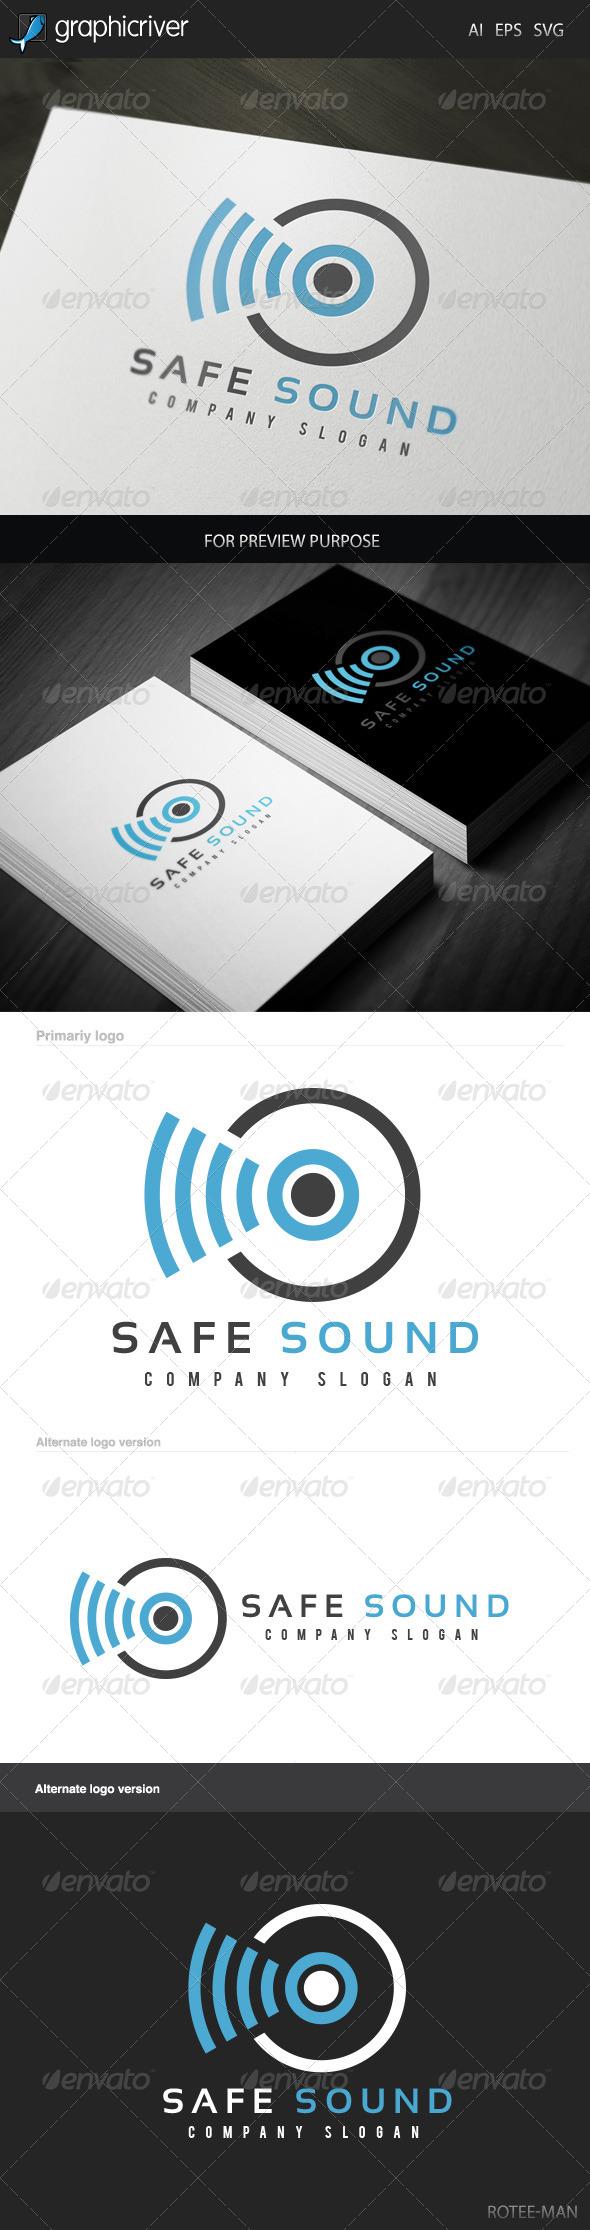 GraphicRiver Safe Sound Logo 5990695